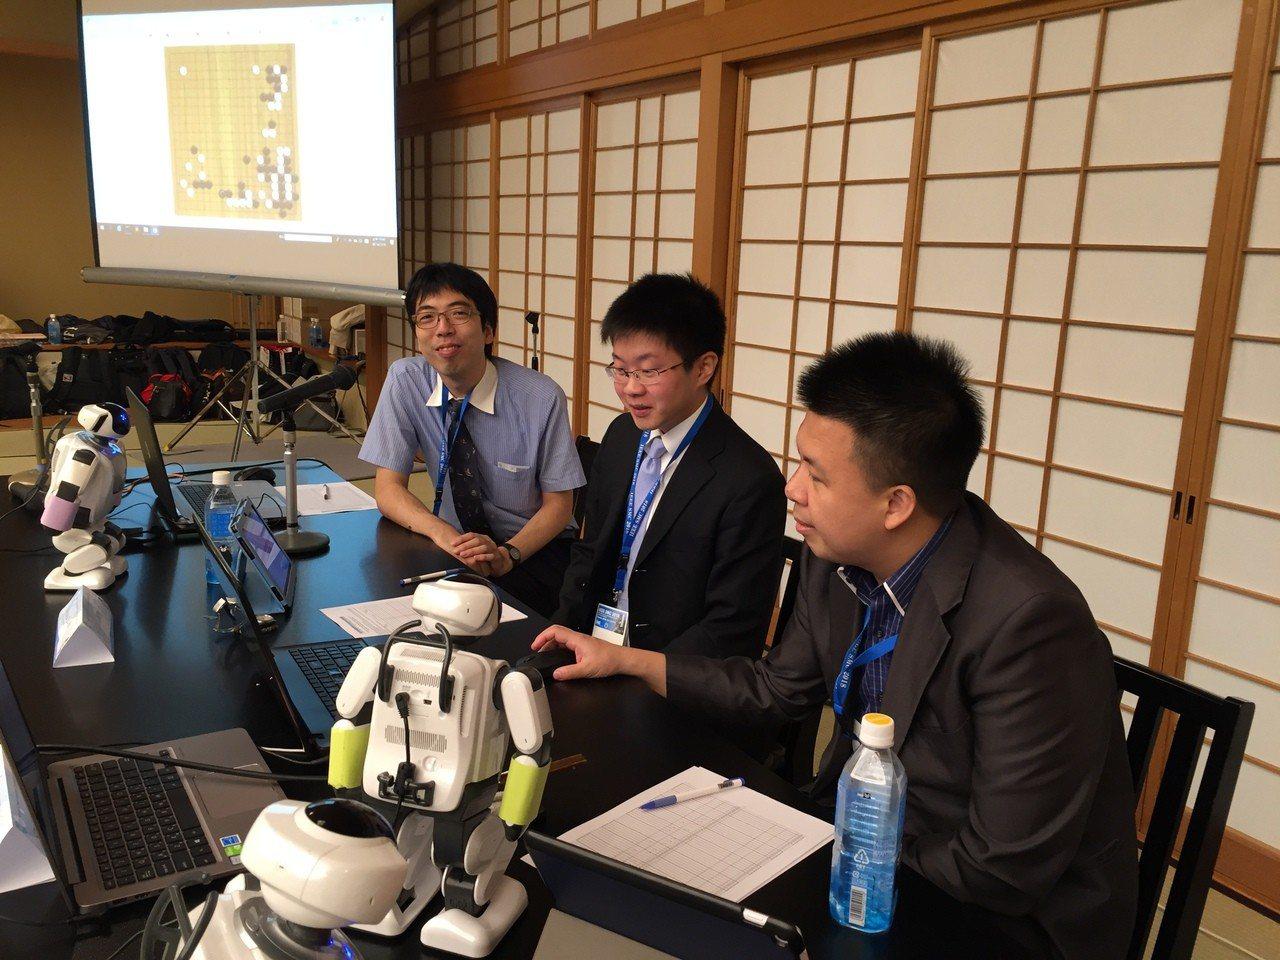 台南的專業棋士齊聚一堂,與可愛的AI圍棋老師共同砌磋。圖/南大提供